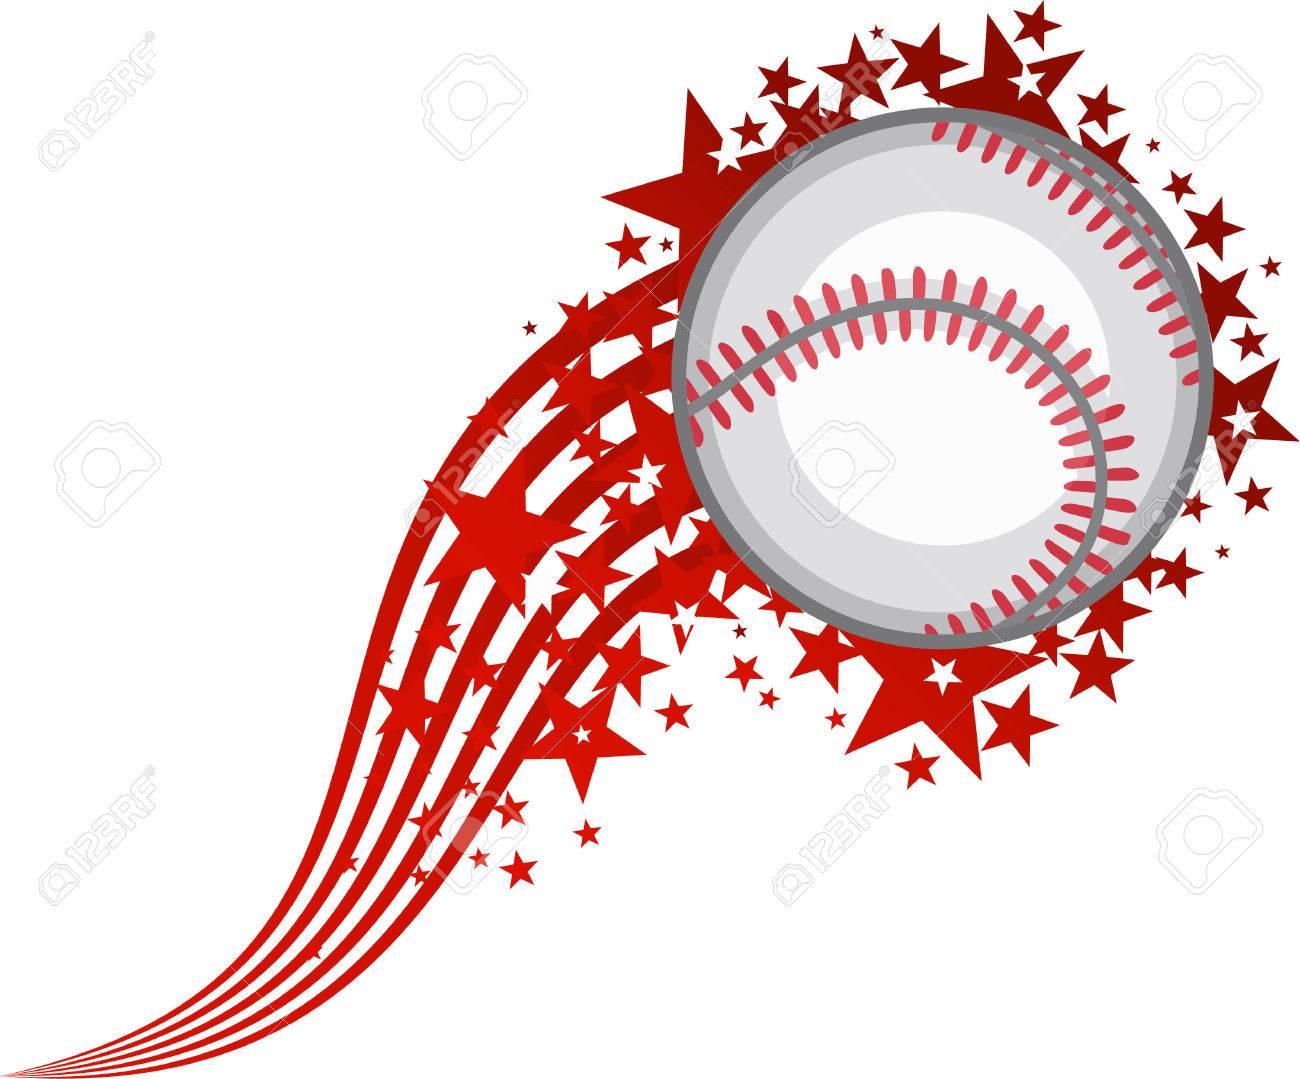 Flying baseball clipart 7 » Clipart Station.